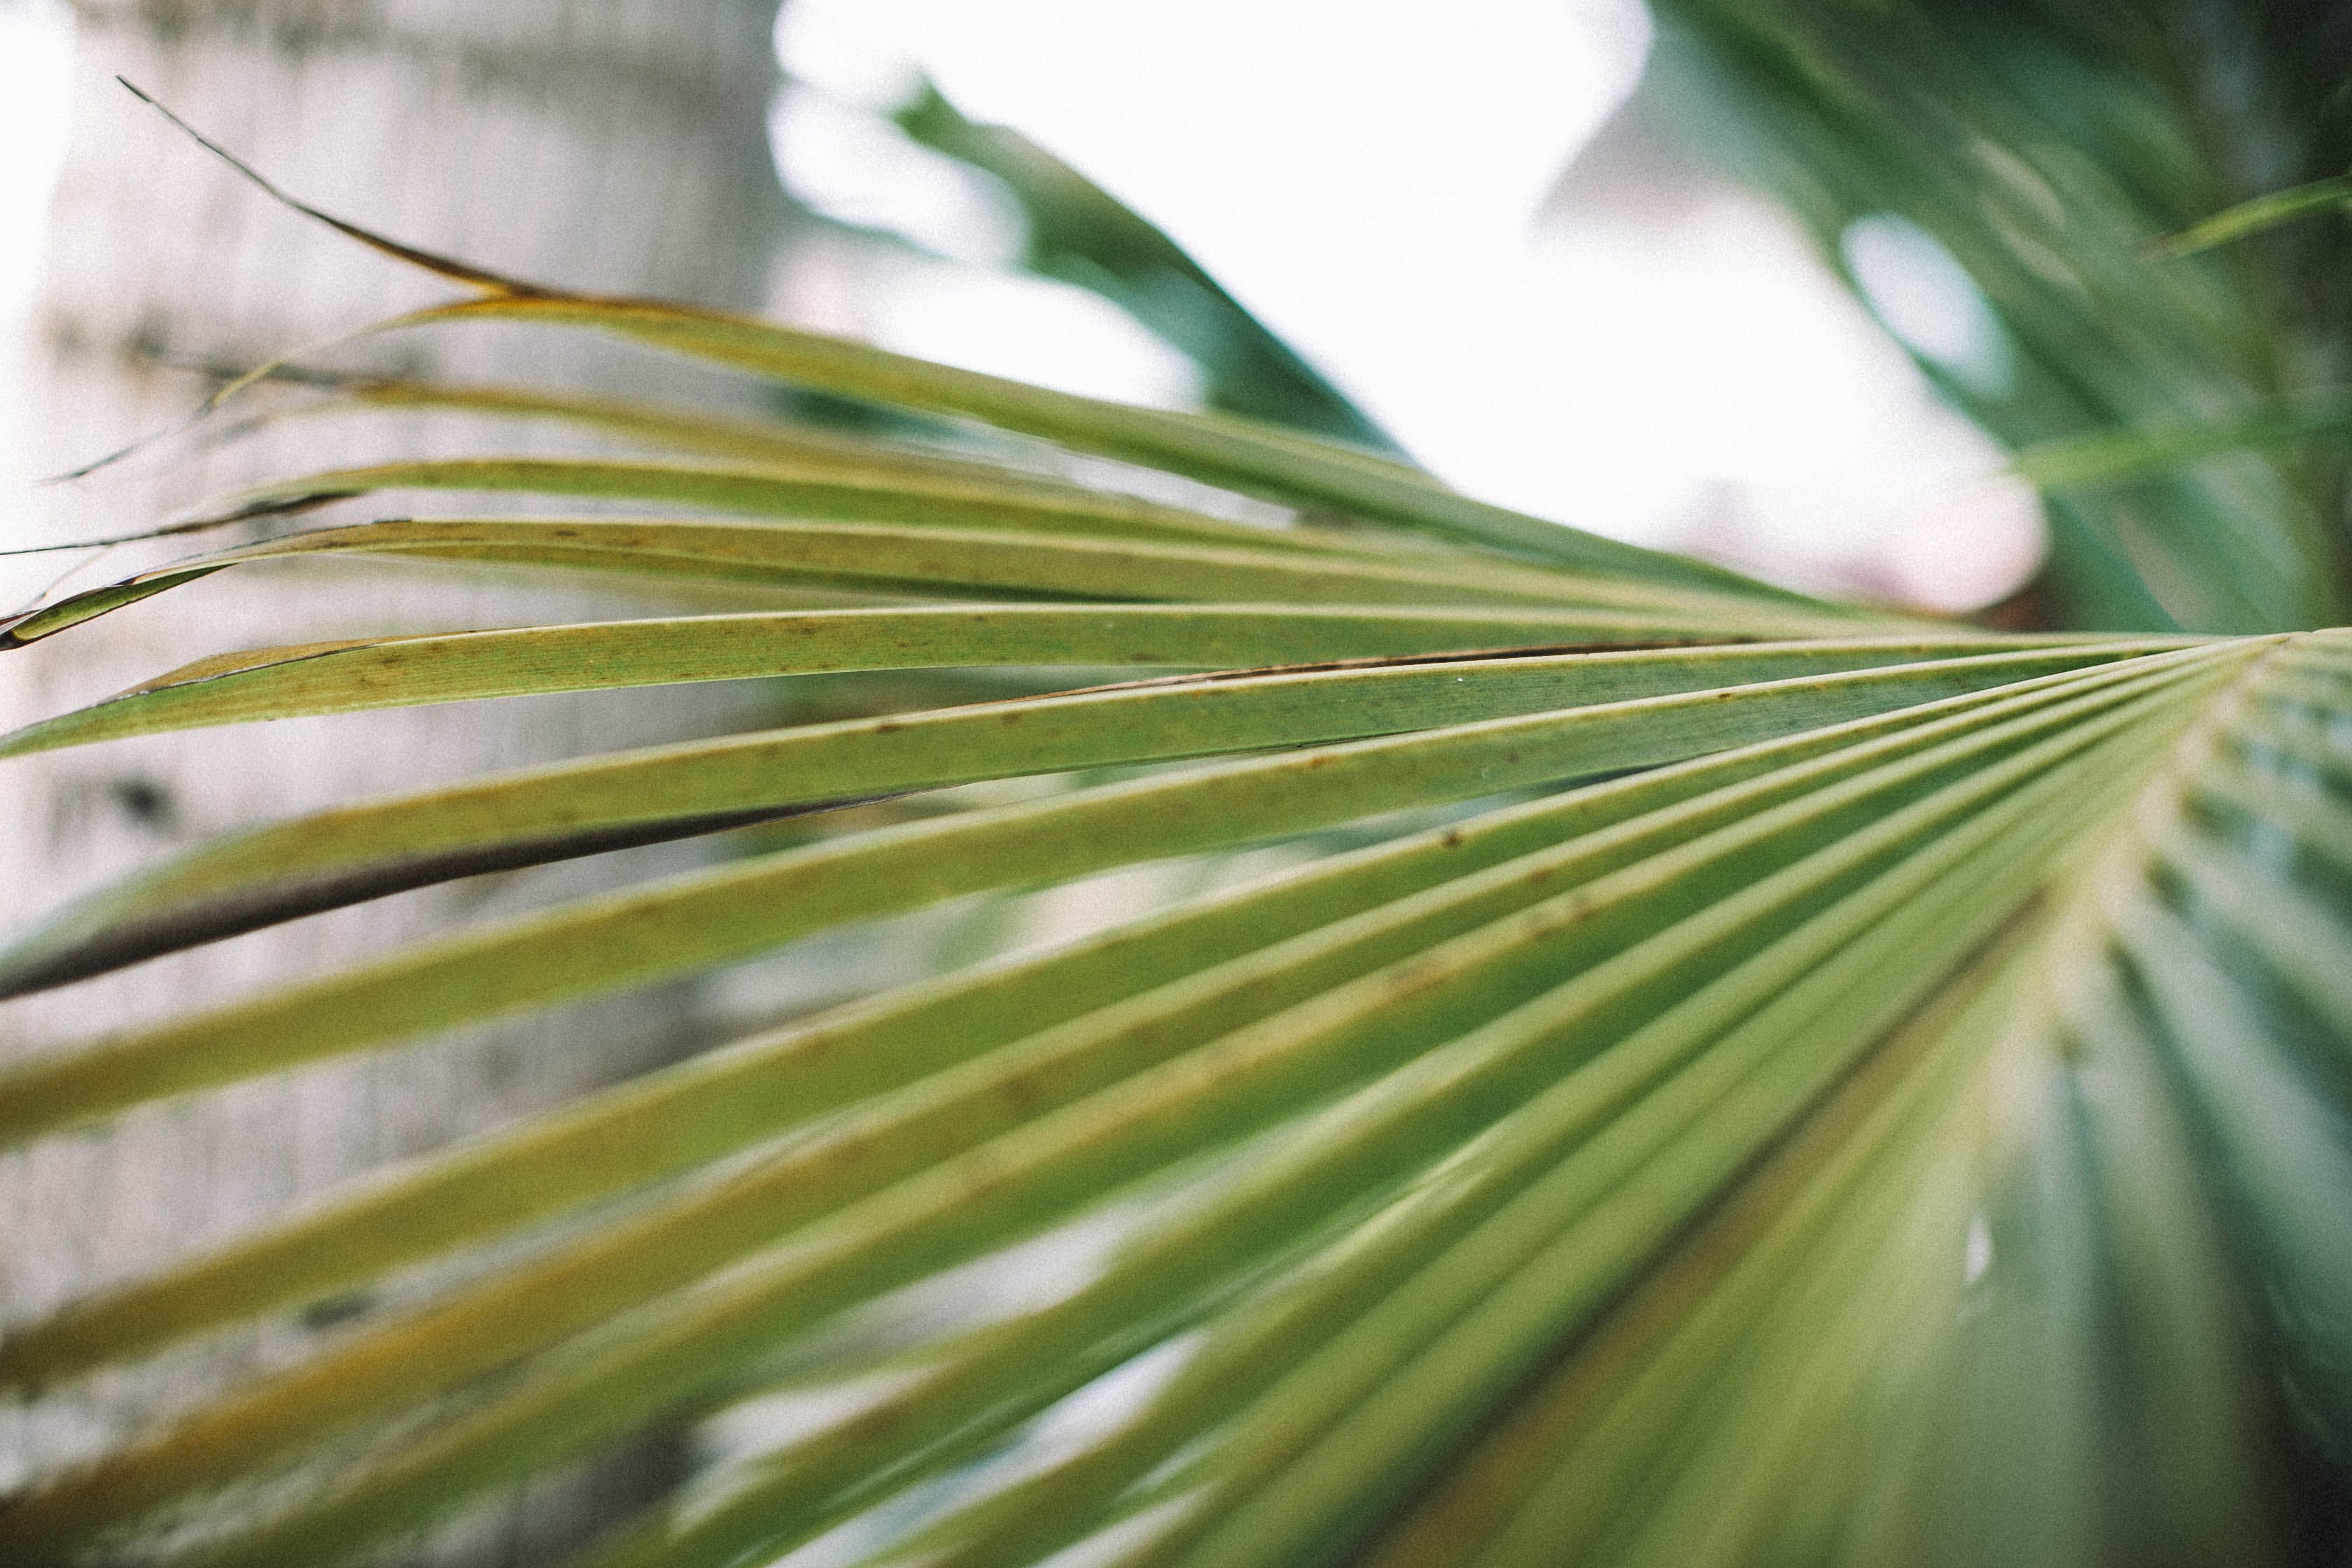 增長, 廠, 景深, 樹葉 的 免費圖庫相片